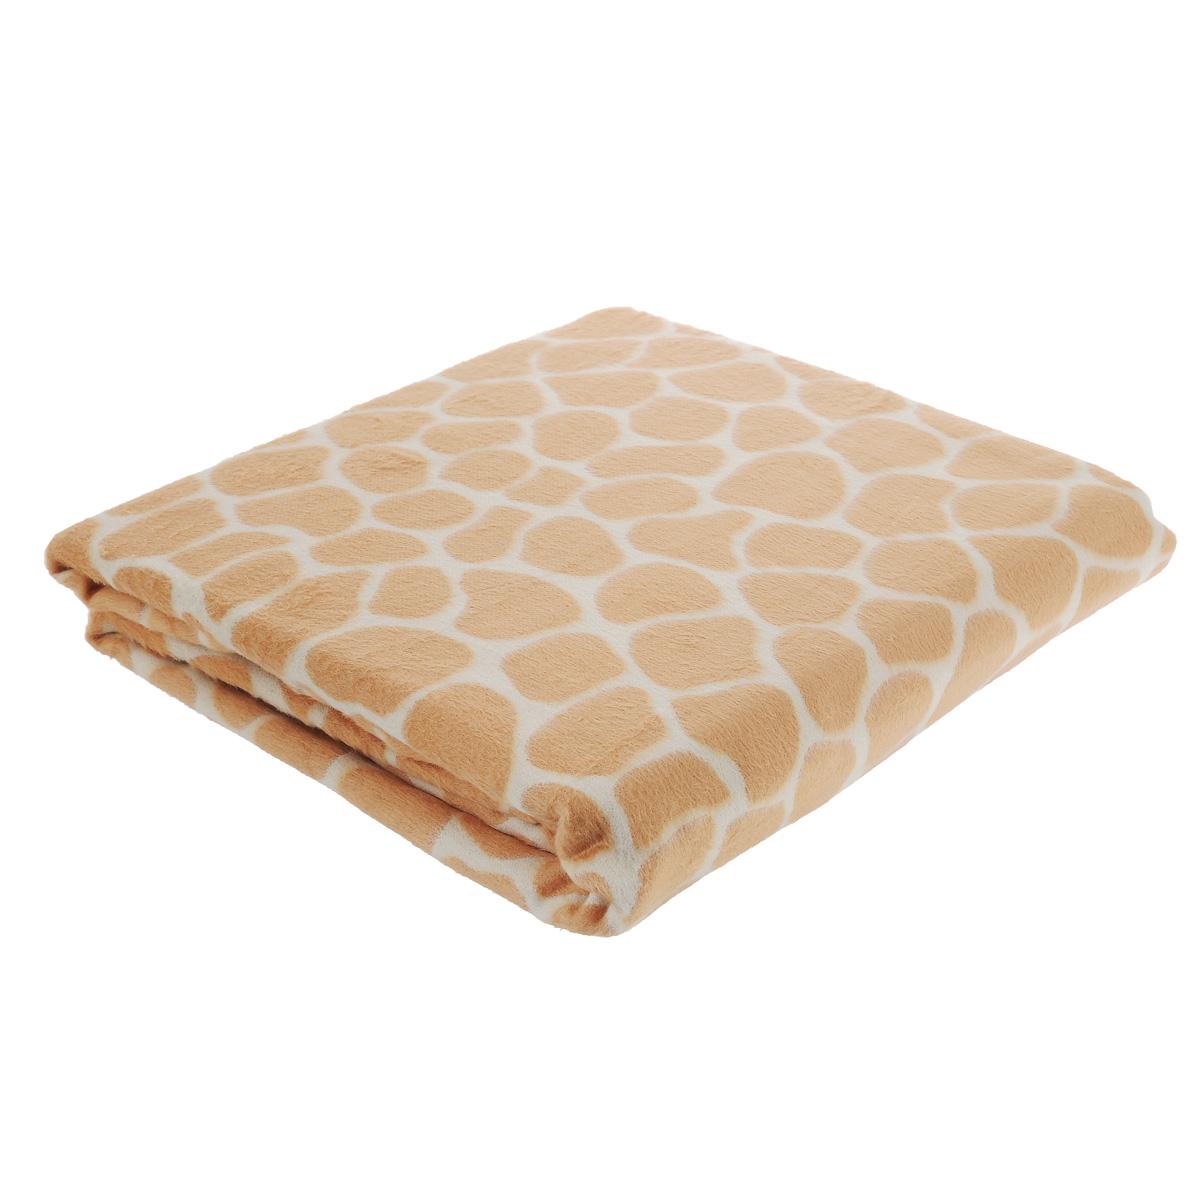 Плед бамбуковый Леди прима Жираф, цвет: карамельный, 160 см х 180 см1105/0006042/2007Все чаще дизайнеры украшают интерьеры домашним текстилем, несущим энергию природного спокойствия и умиротворения. Уютный плед Леди прима Жираф выполнен из 100% бамбука. Плед с карамельным принтом под жирафа подсознательно перенесет вас в далекую Африку. Этот плед роскошное воплощение мягкости, нежности и элегантности. Натуральная палитра цветов приближает нас к природному совершенству. Бамбуковый плед Леди прима Жираф - это настроение и стиль вашей спальни!